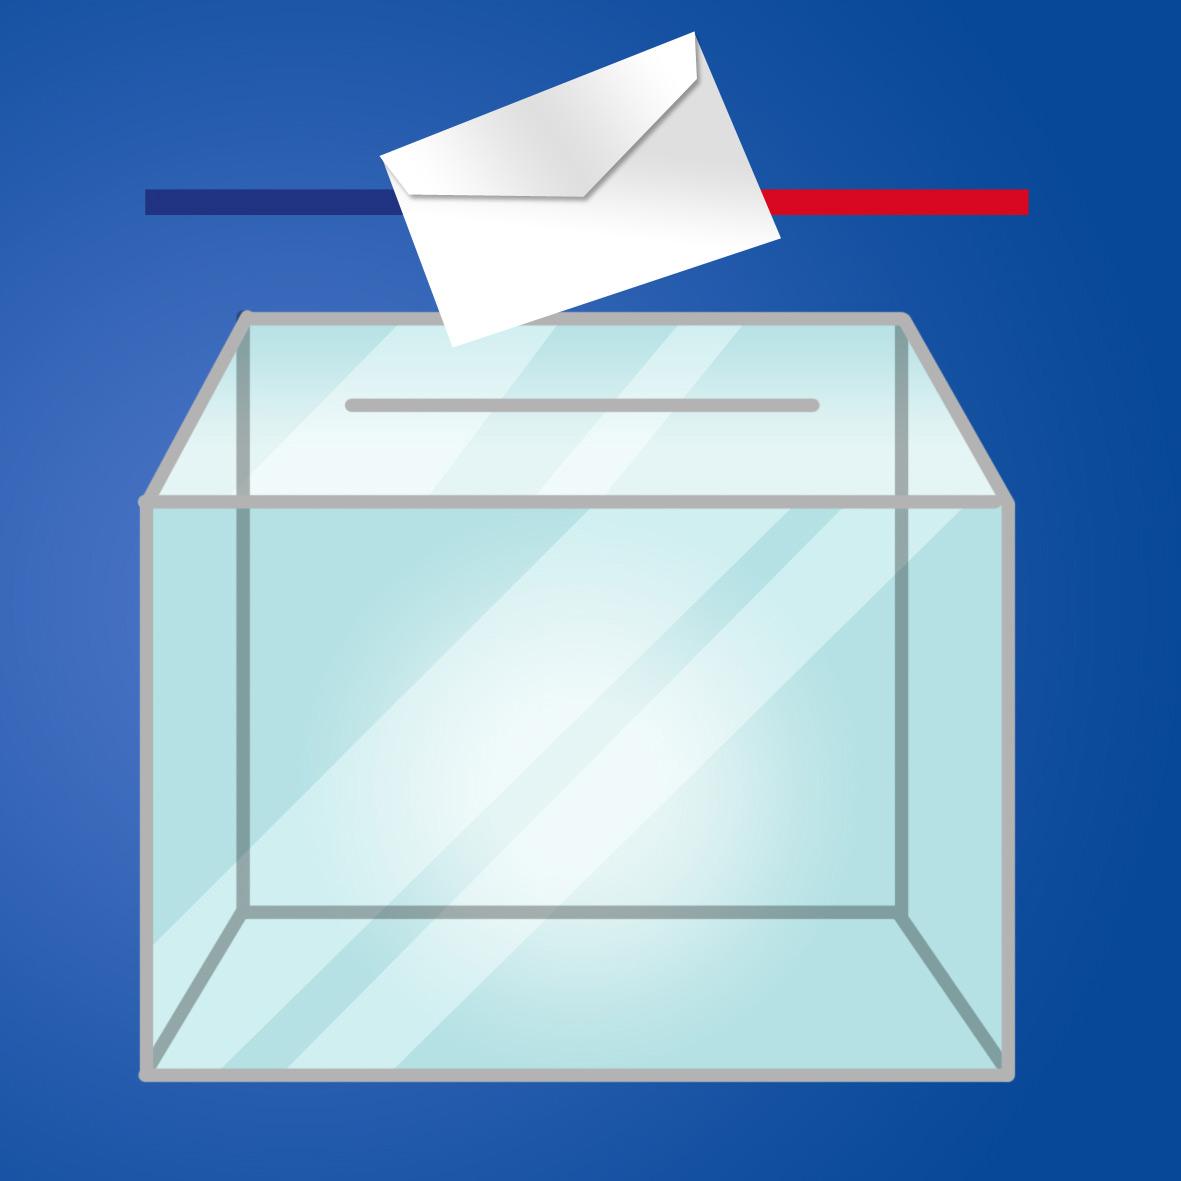 ON RECHERCHE DES BENEVOLES POUR LES ELECTIONS